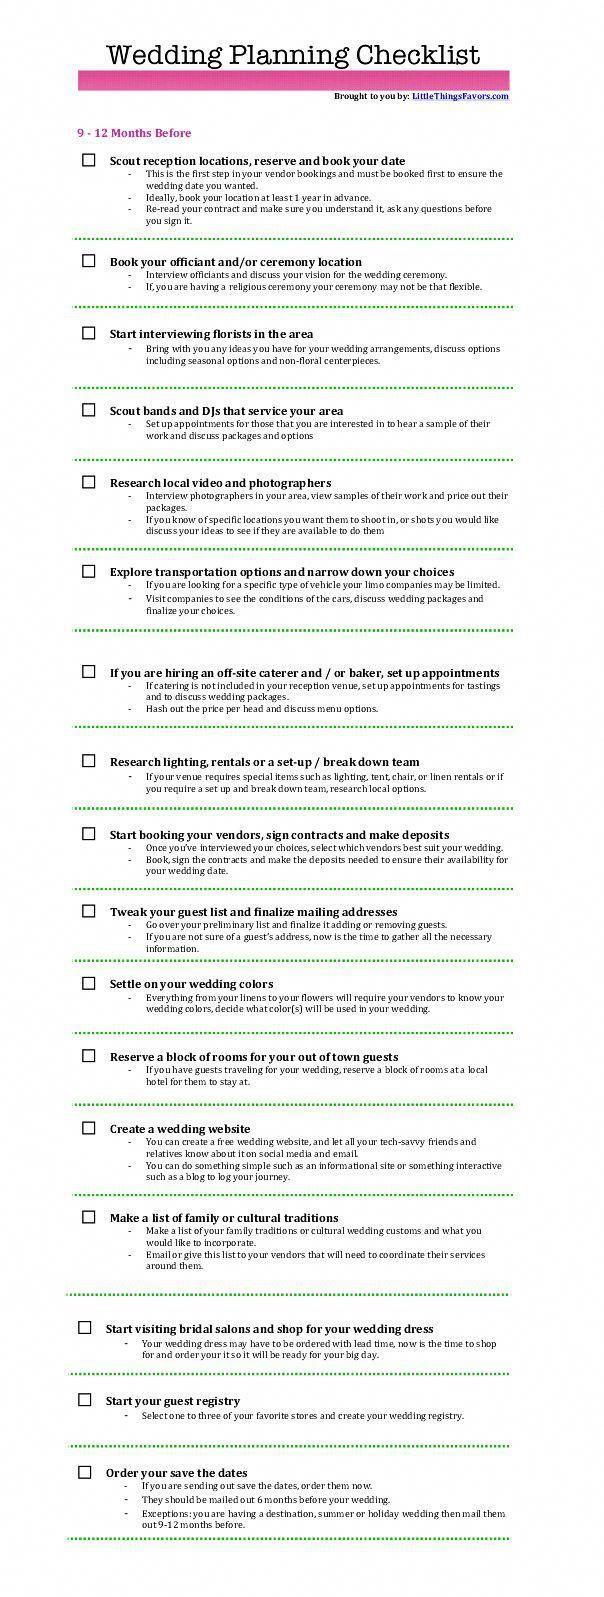 wedding day checklist weddingdaychecklist Wedding